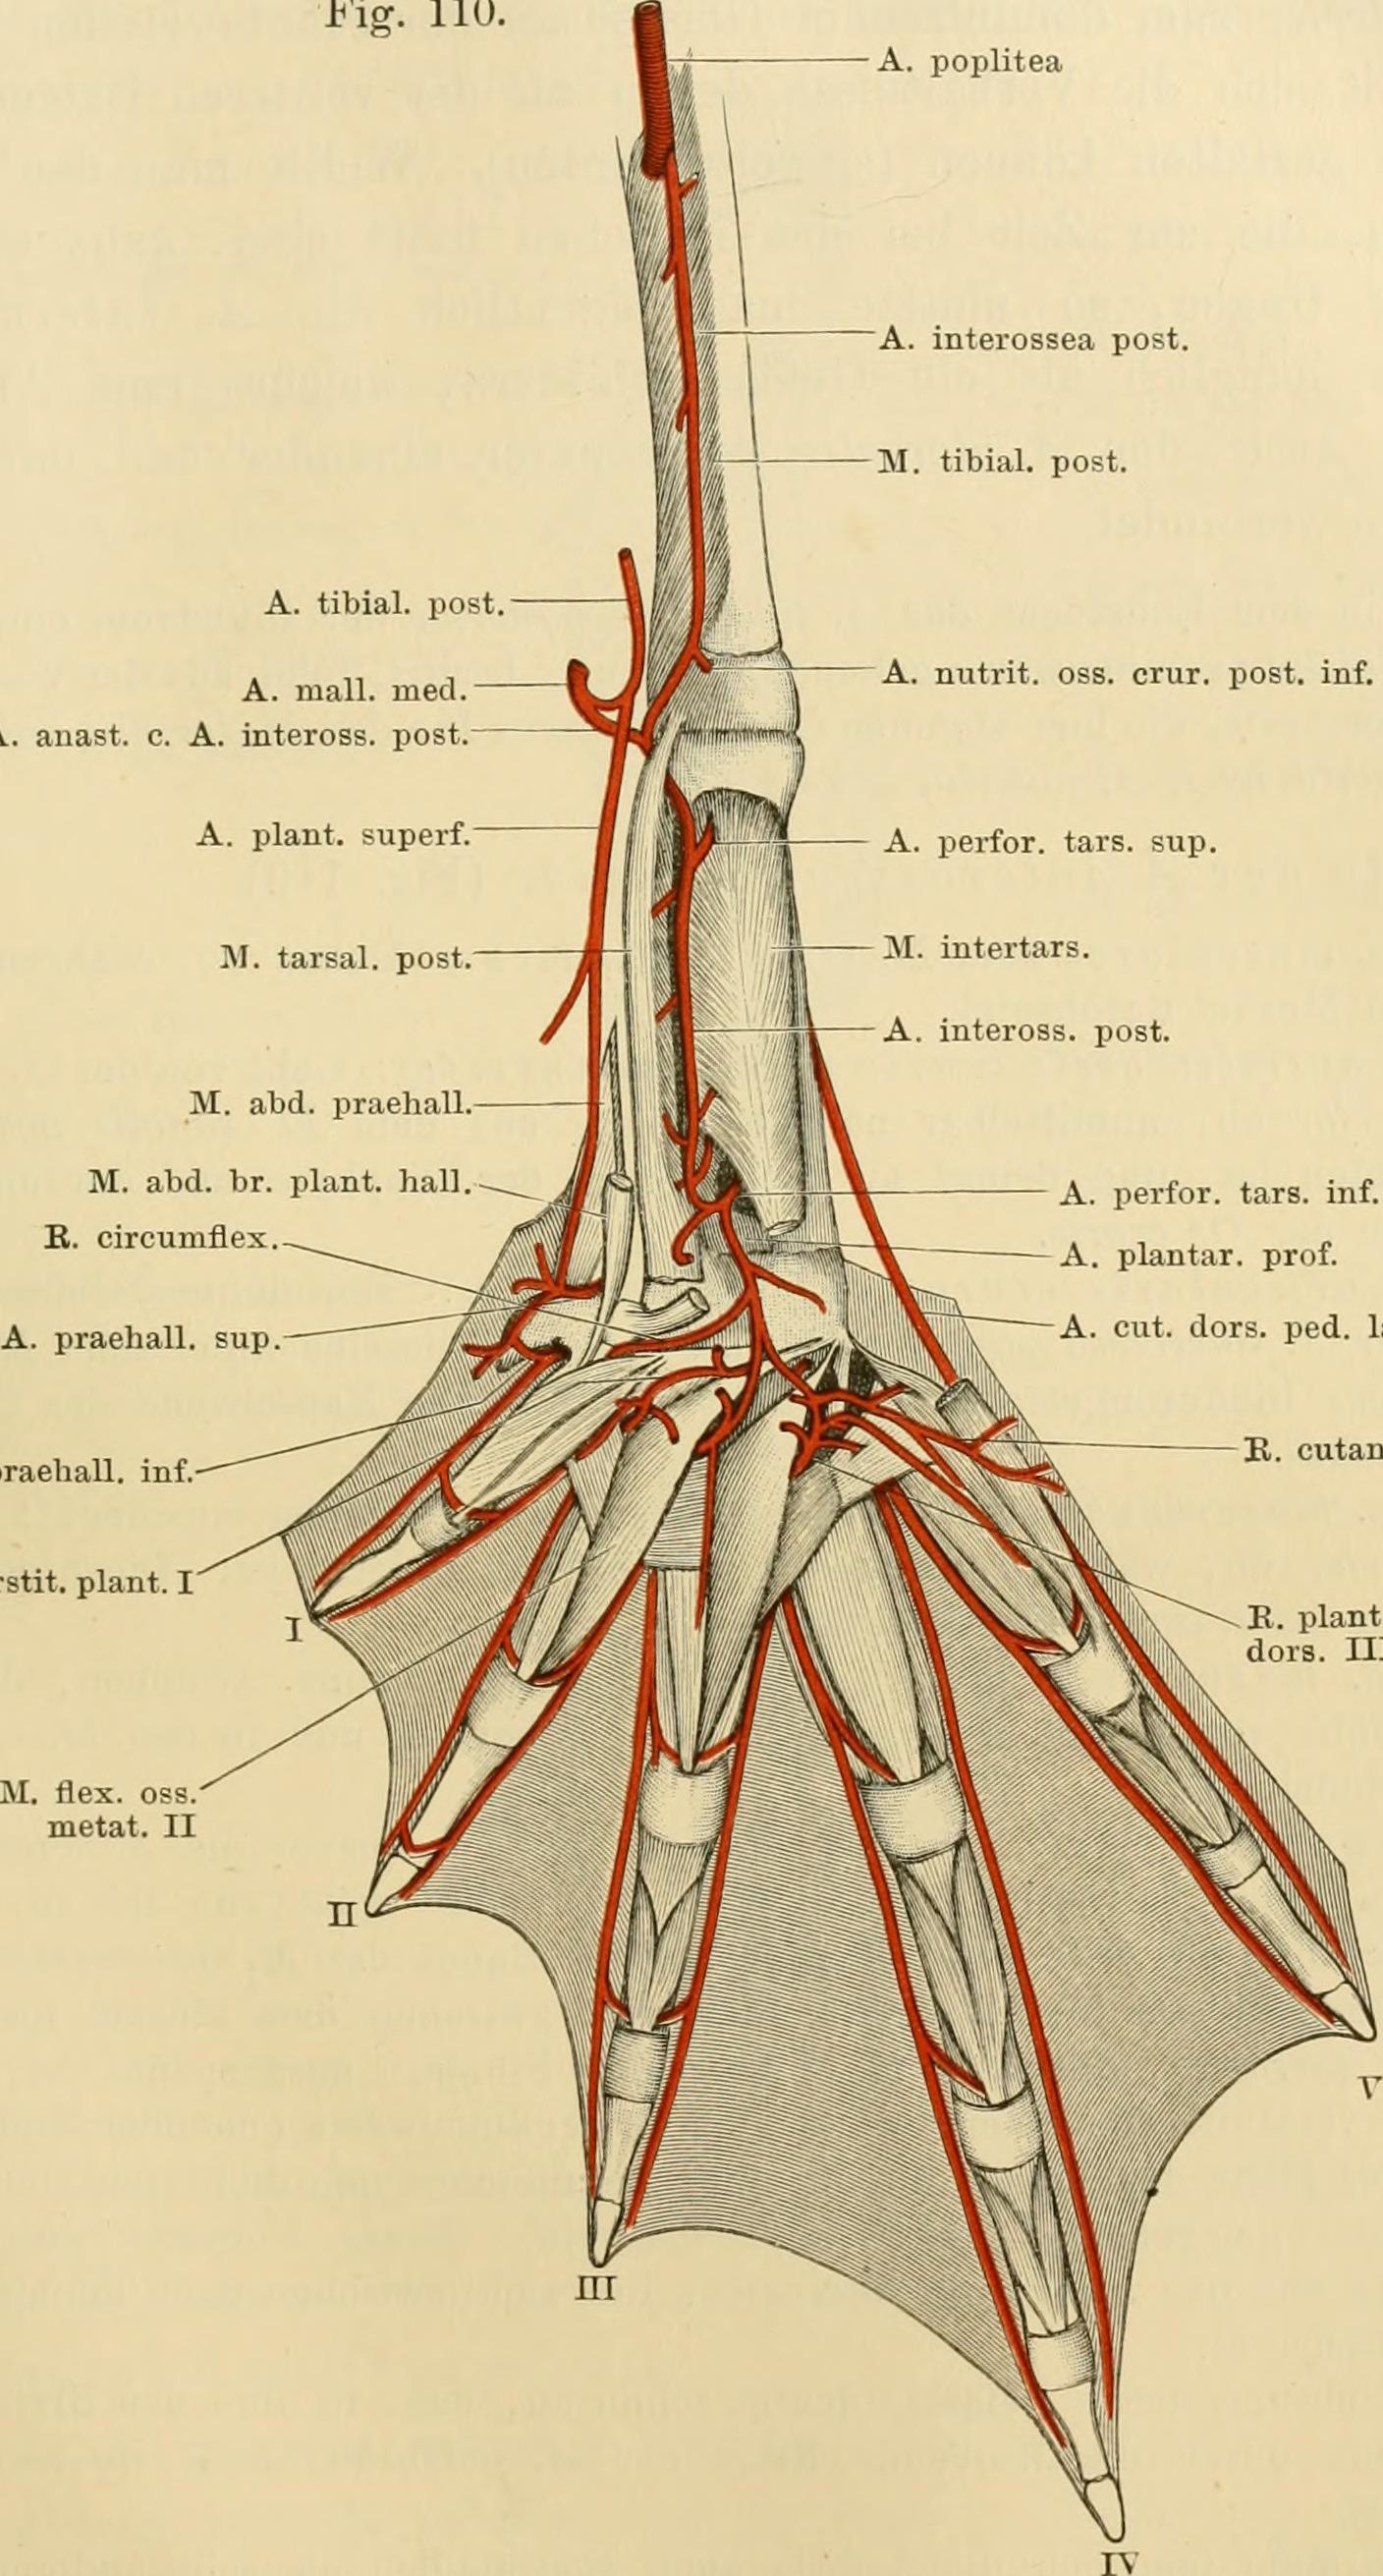 Atemberaubend Antworten Auf Laborhandbuch Für Anatomie Und ...